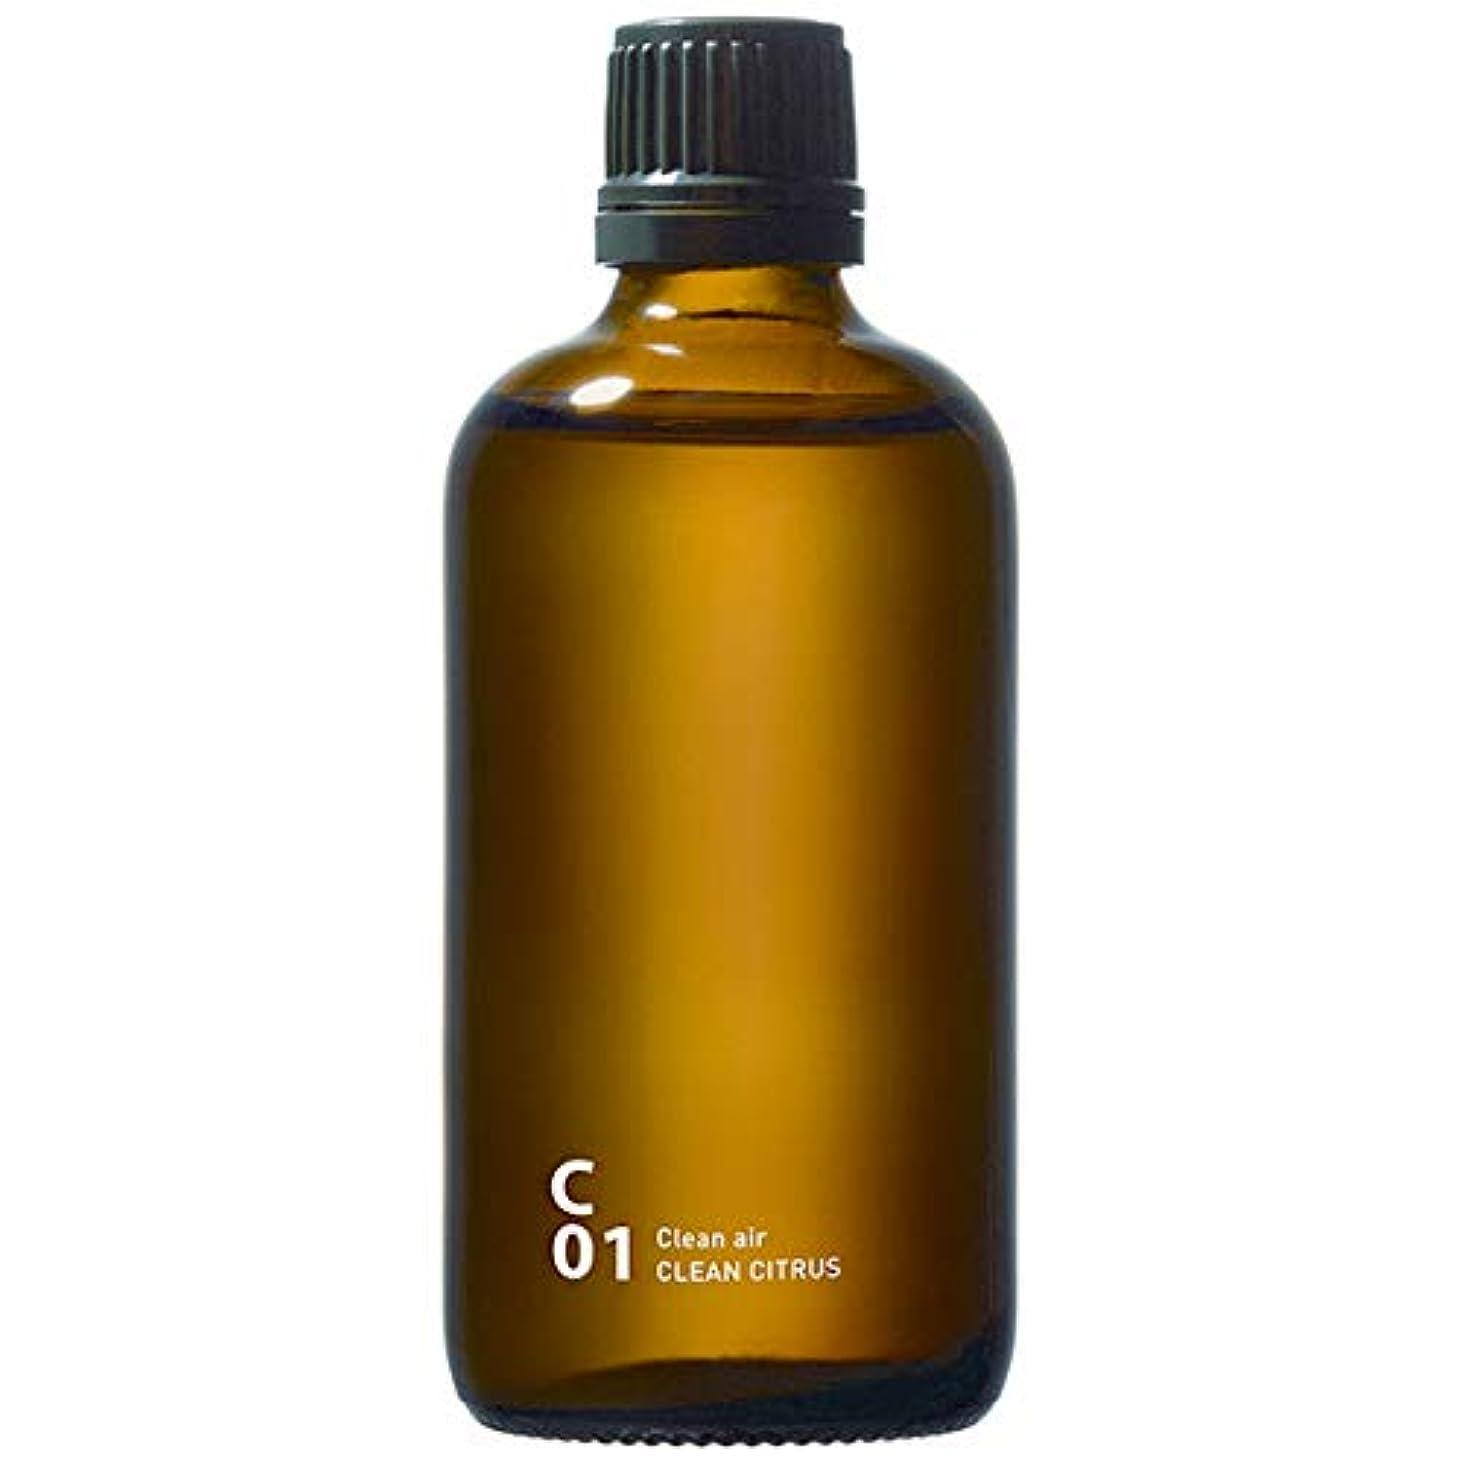 サーキットに行く彼らの召集するC01 CLEAN CITRUS piezo aroma oil 100ml